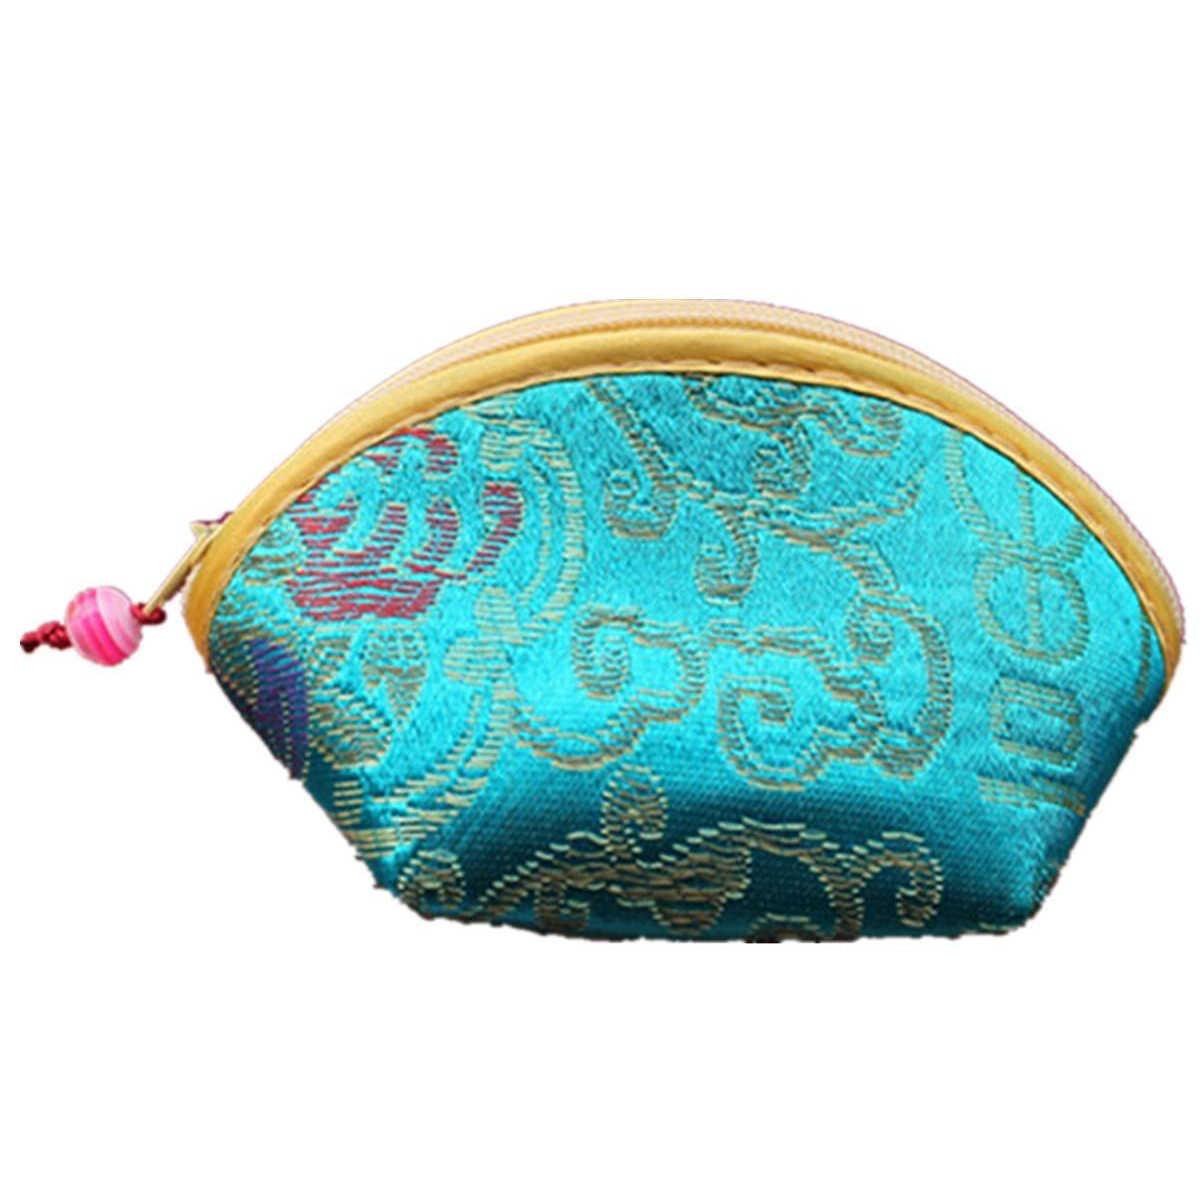 TFTP-китайский шелковый кошелек с вышивкой, сумка для монет, сумочка, маленький кошелек, сумка, случайный цвет